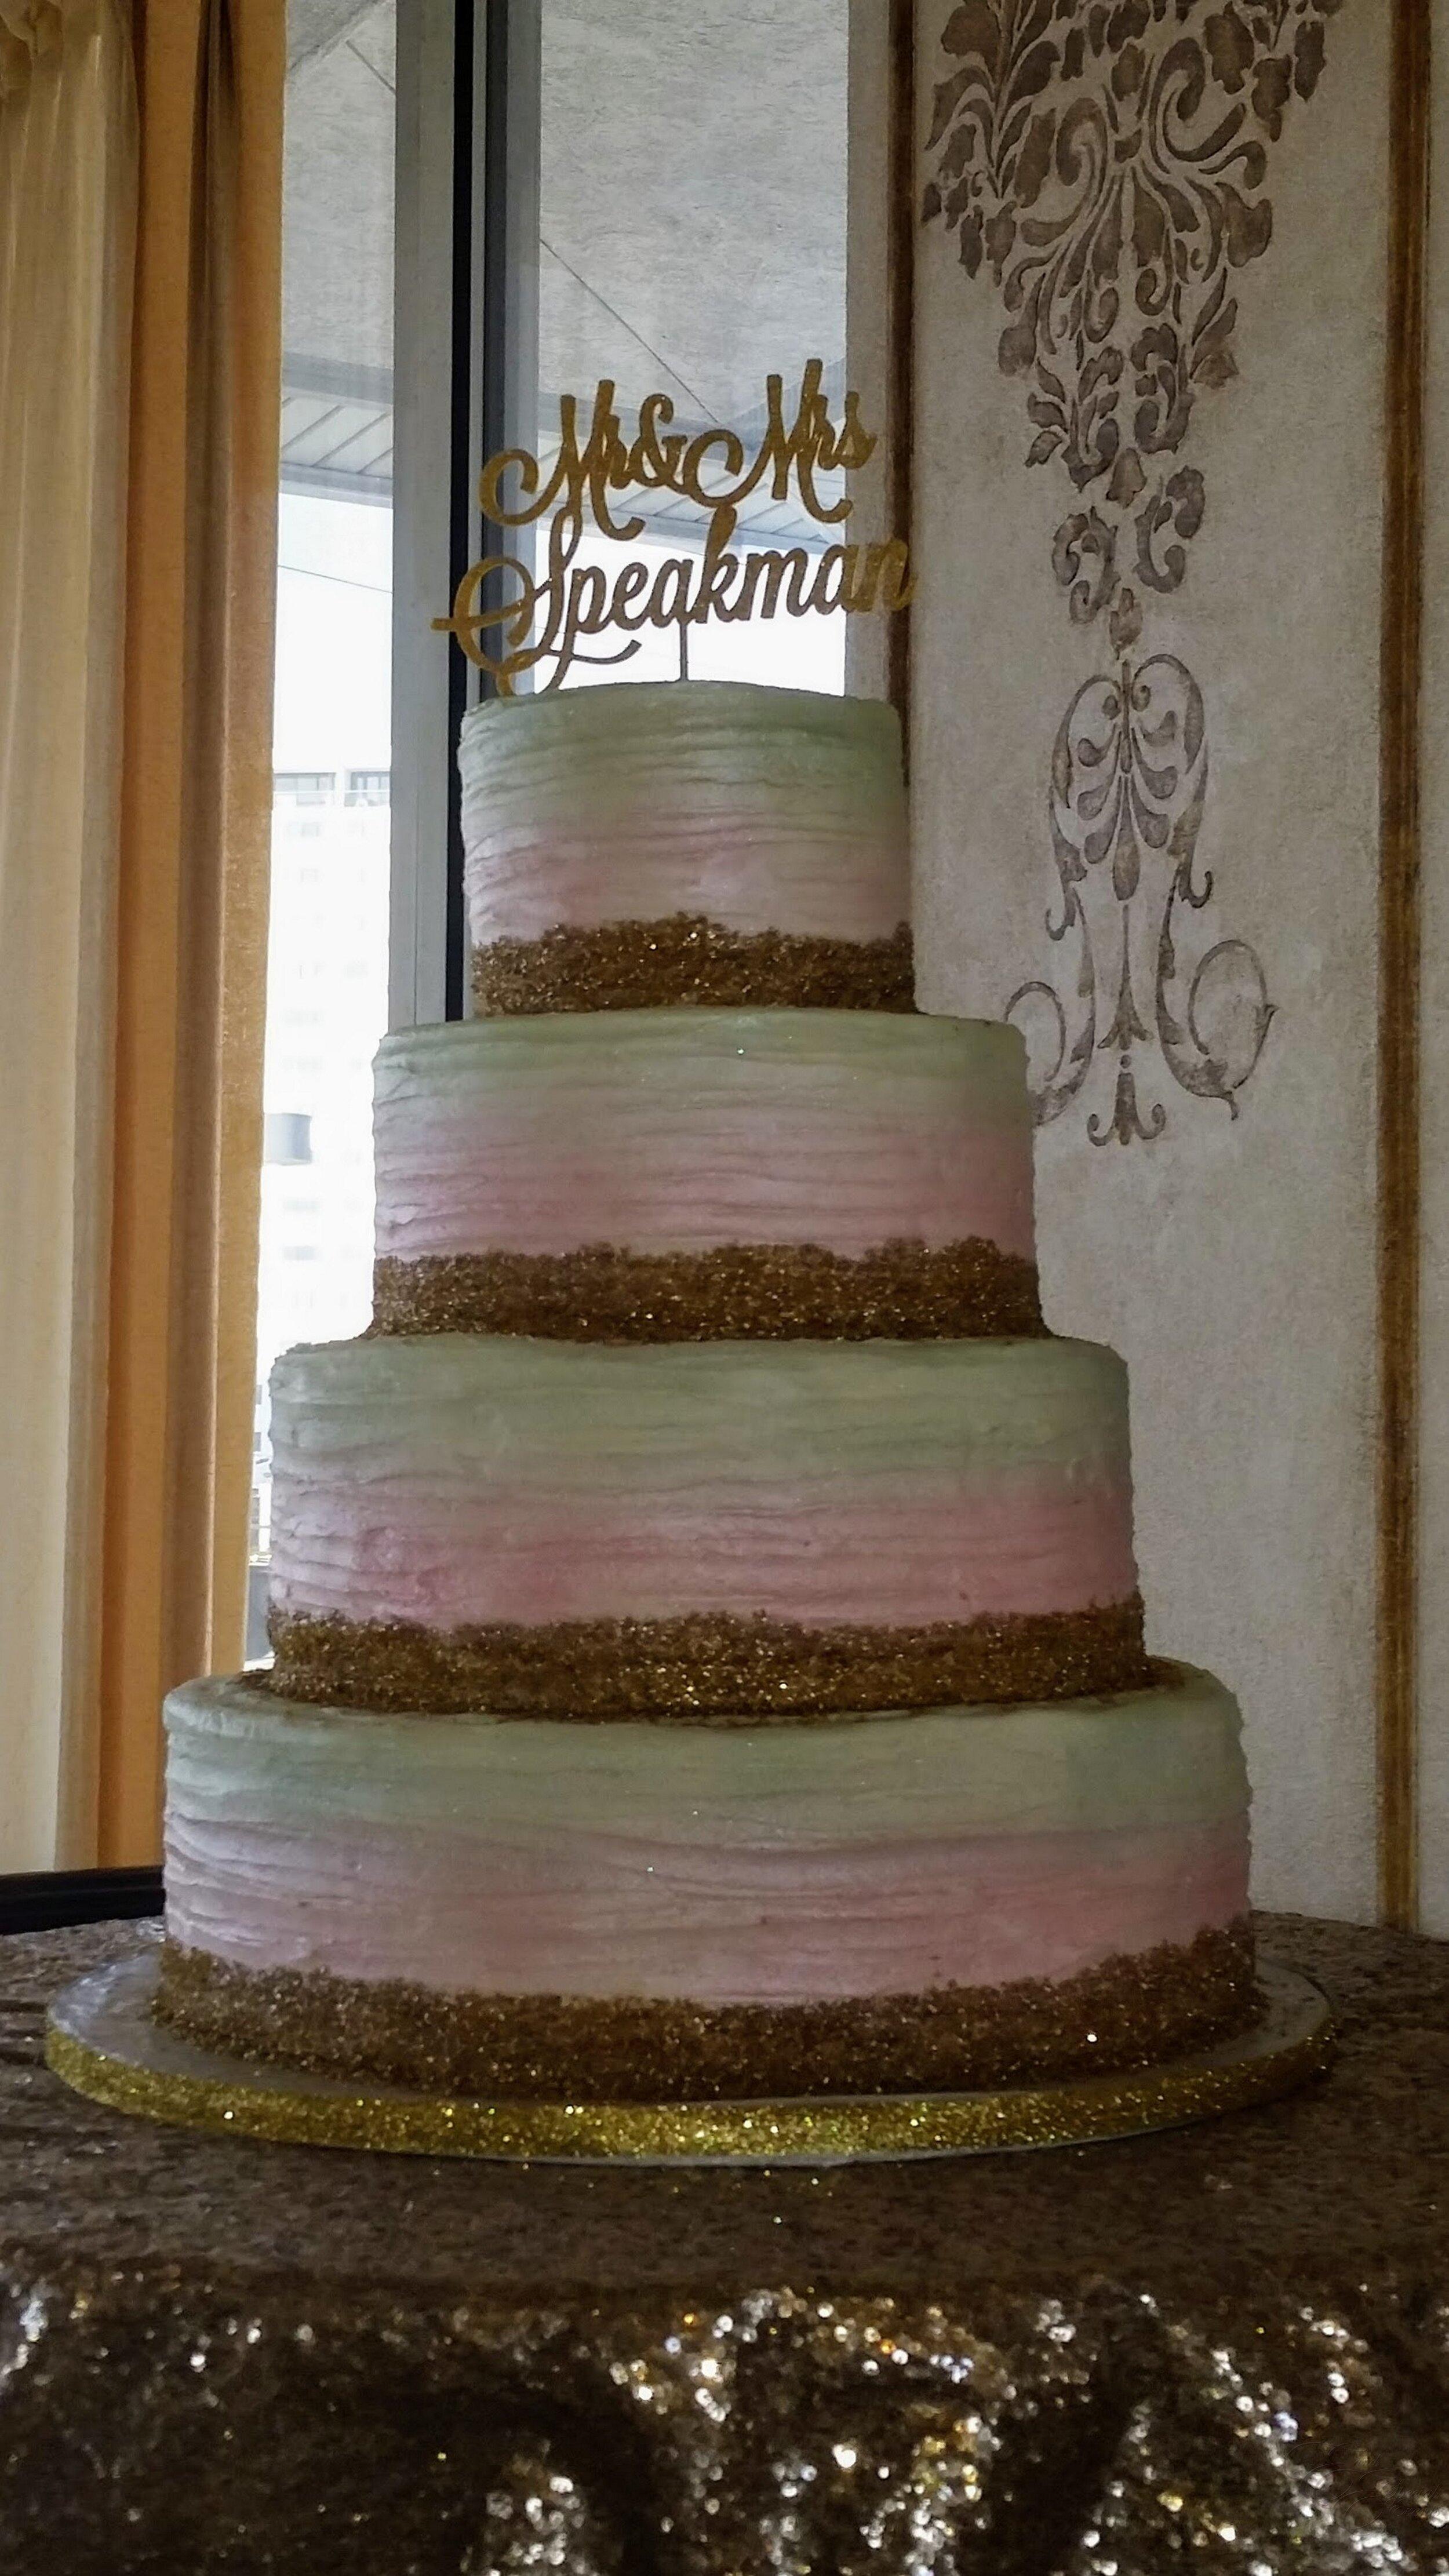 wedding_cakes_E_and_E_Special_Events_virginia_beach_31.jpg